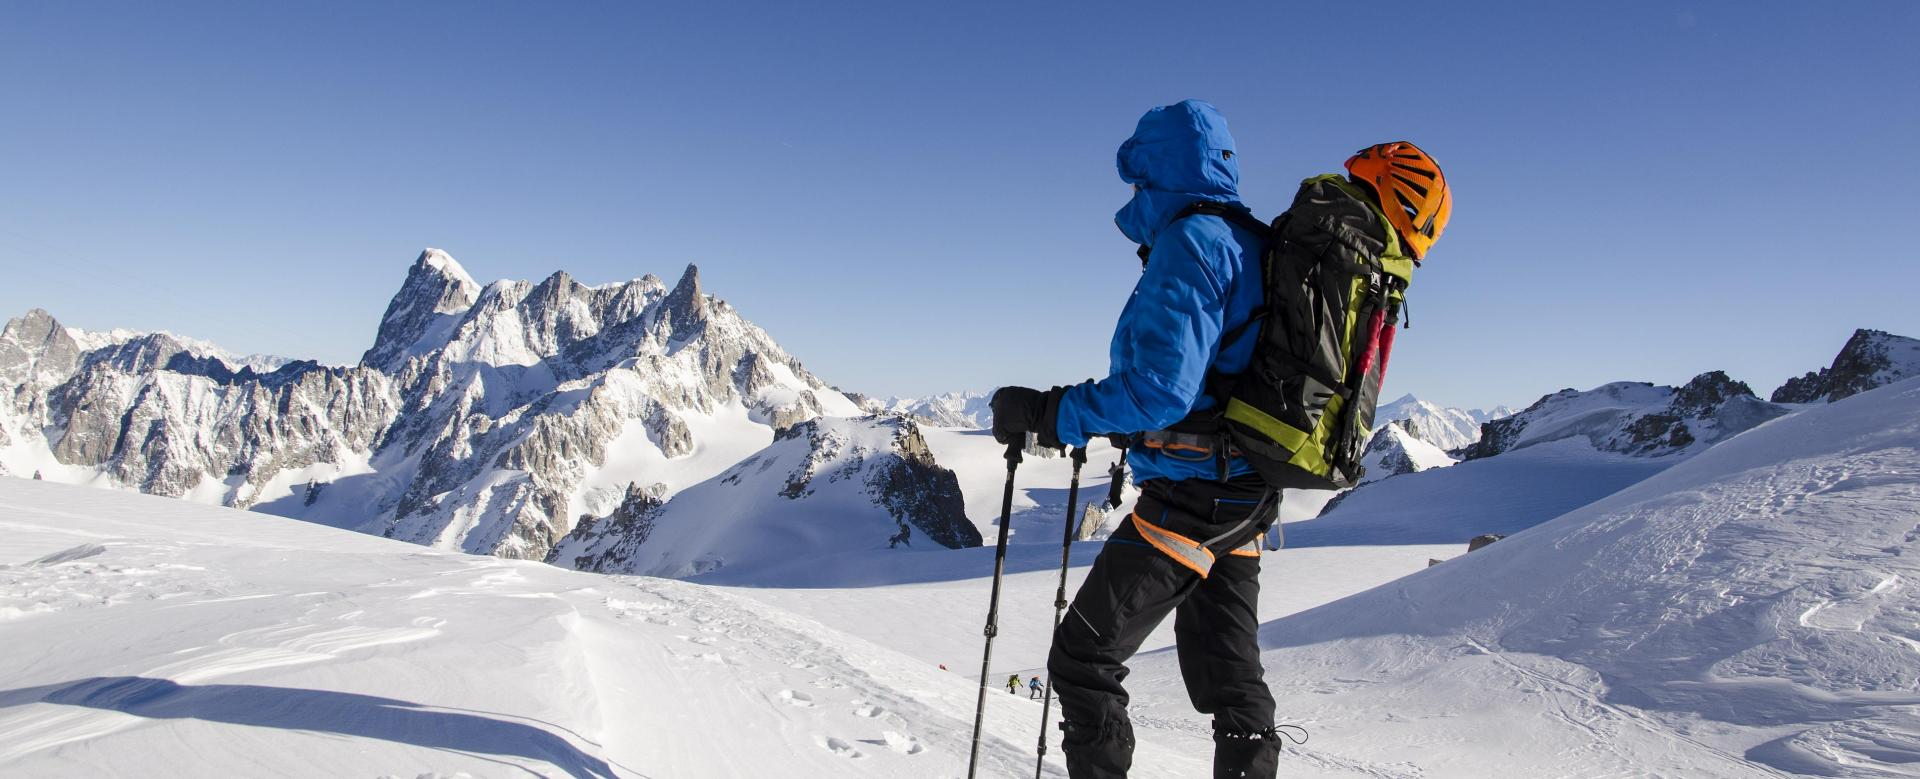 Voyage à la neige France : La vallée blanche